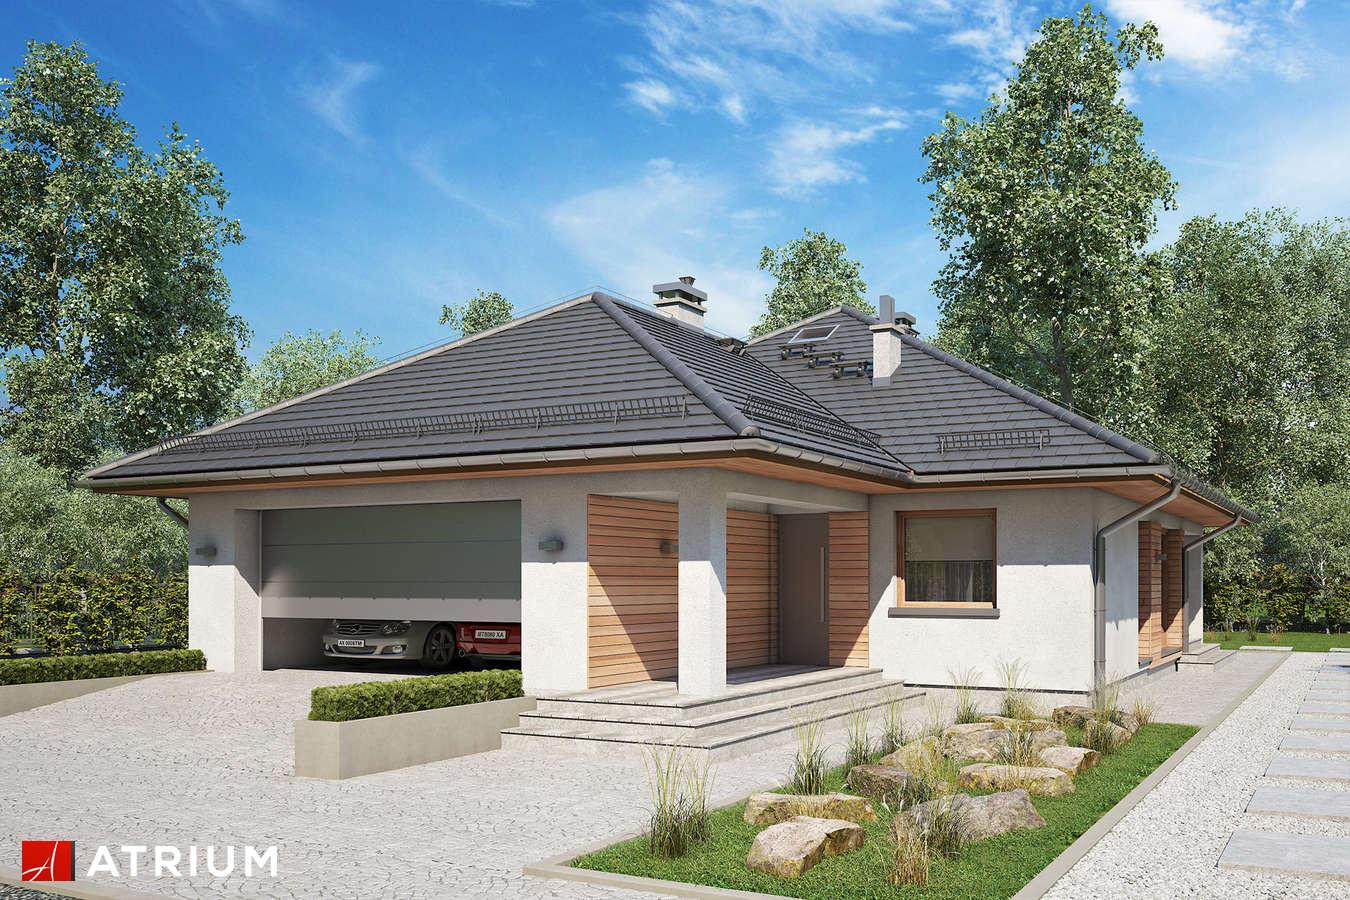 Projekty domów - Projekt domu parterowego BURSZTYN PLUS MAXI - wizualizacja 1 - wersja lustrzana